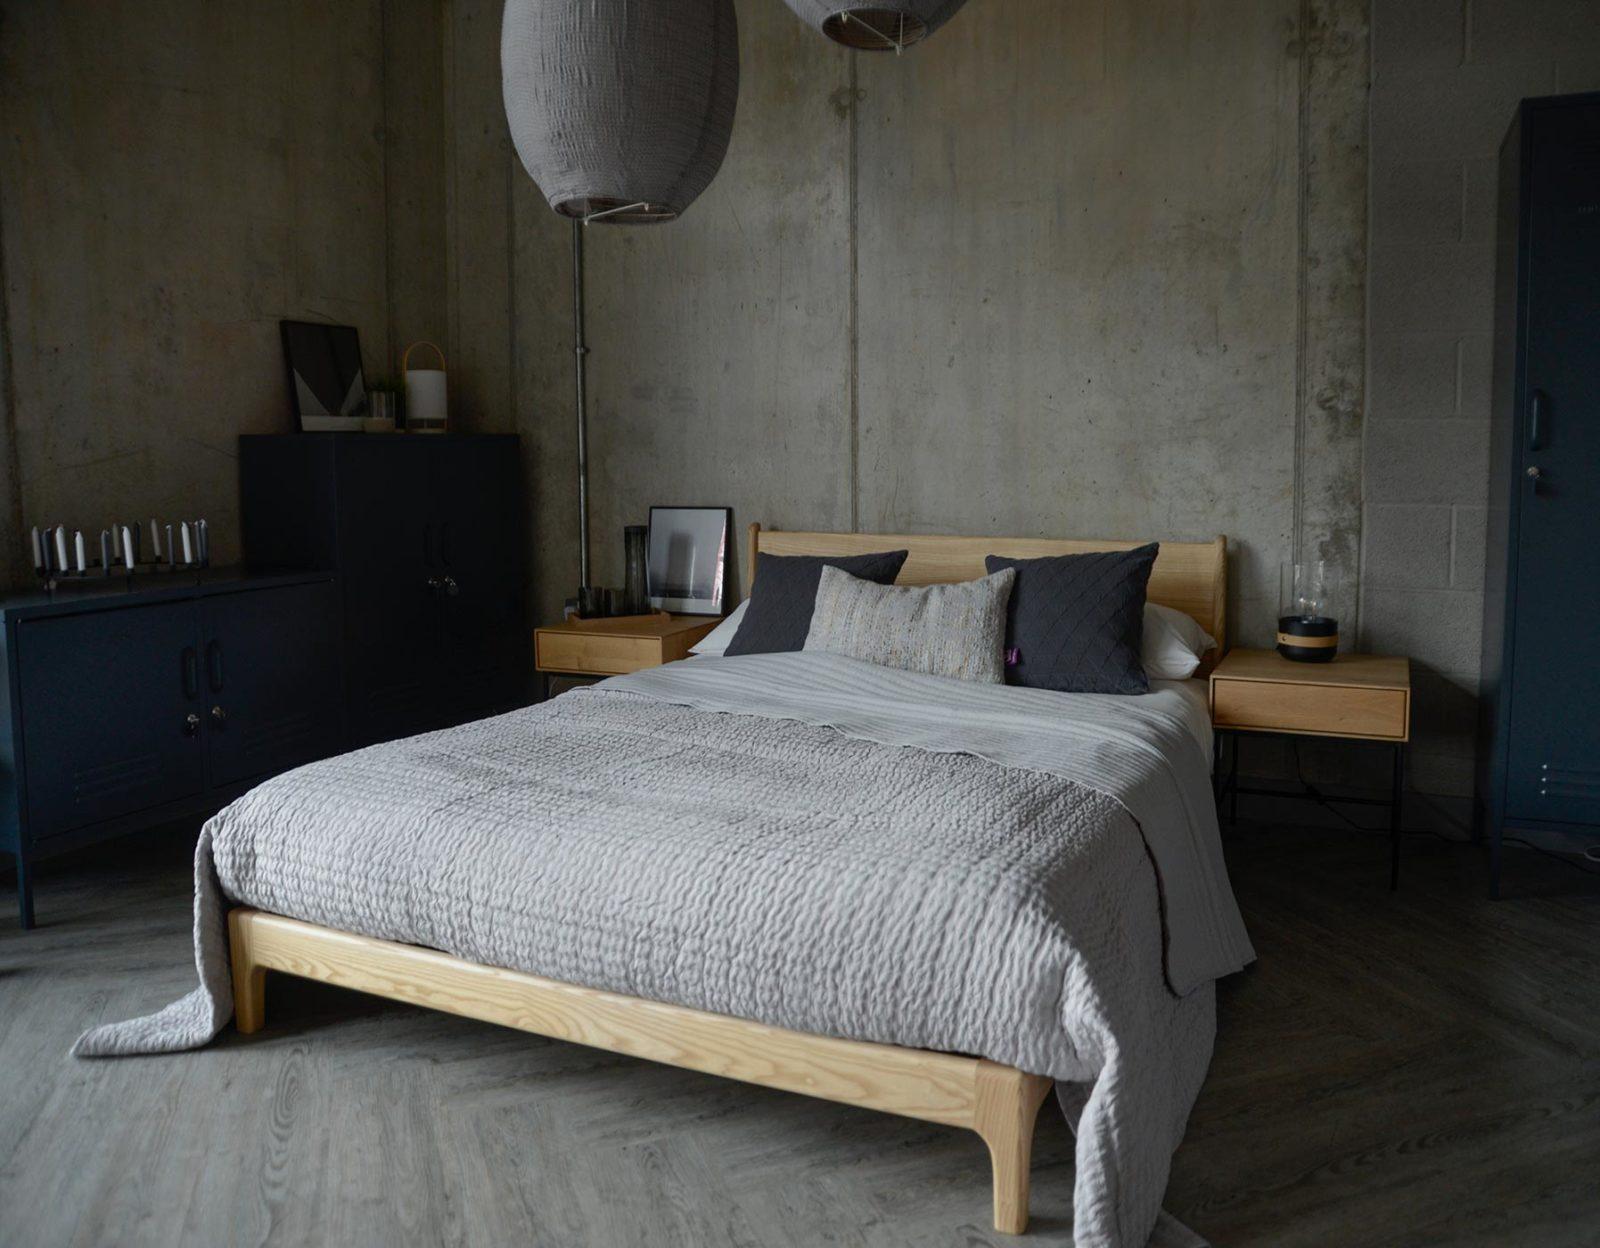 pale grey bedspread